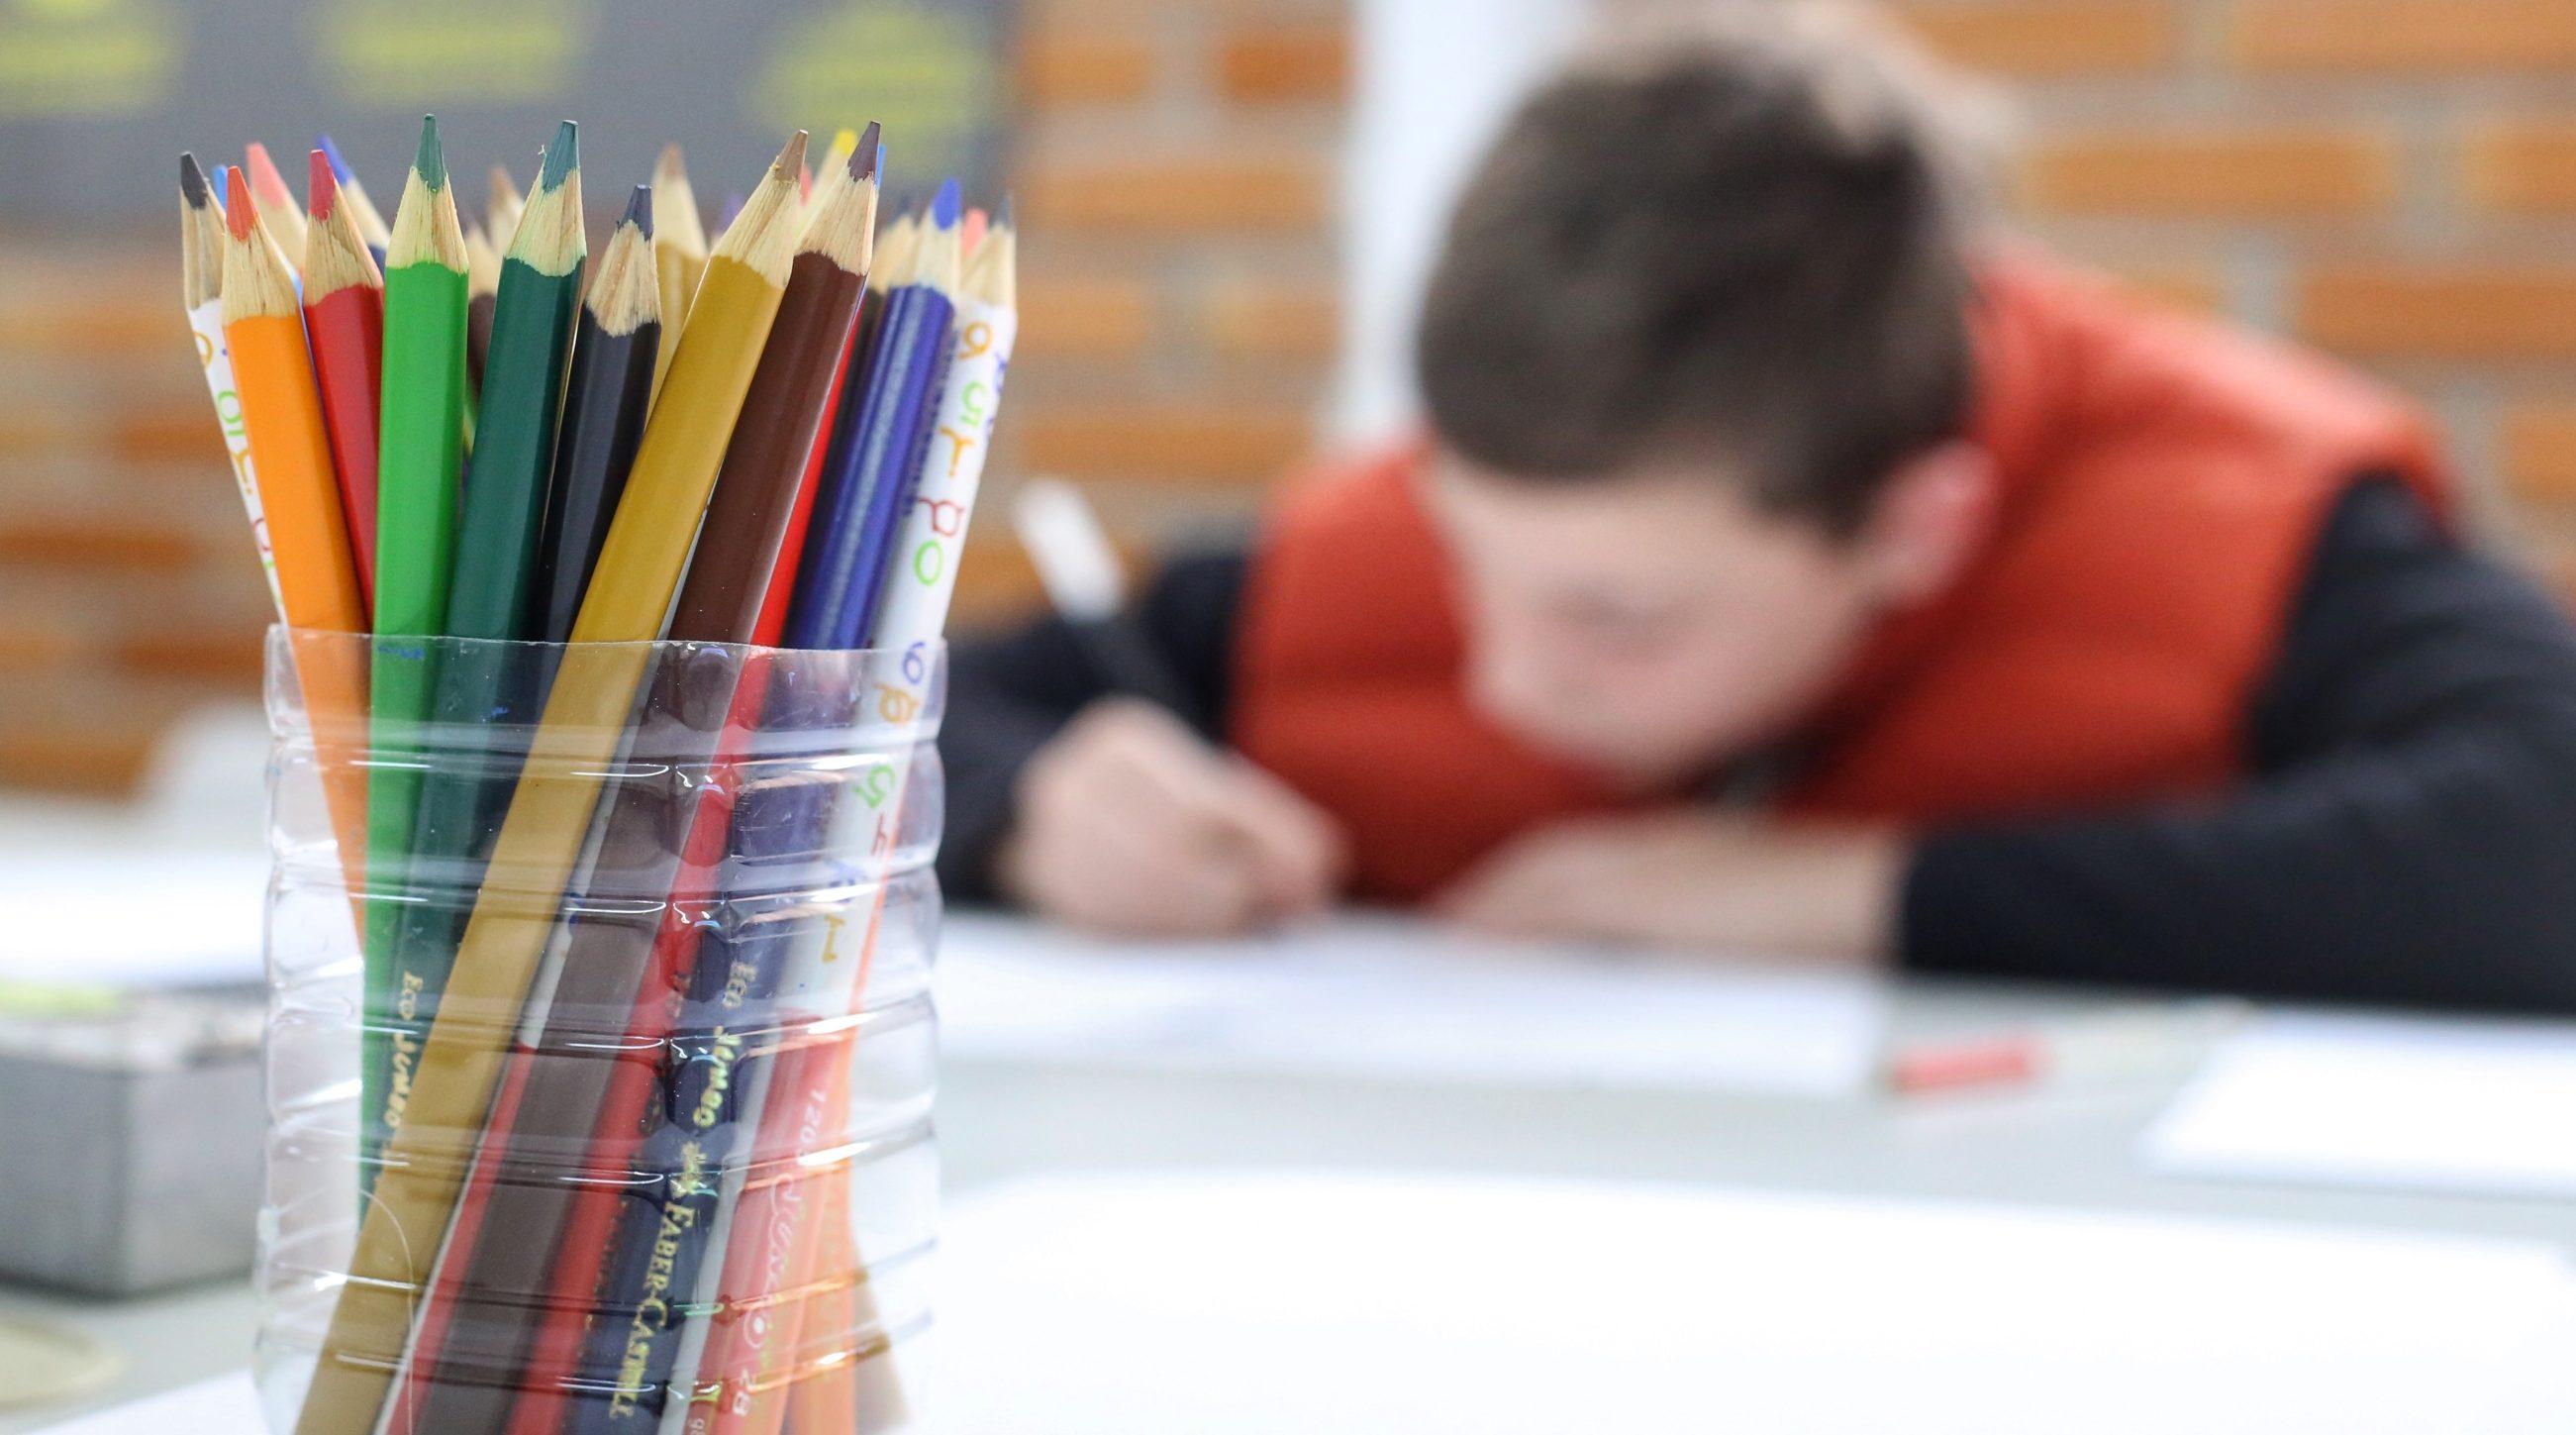 Educação - sala de aula - alunos estudantes lápis de cor artes desenhos